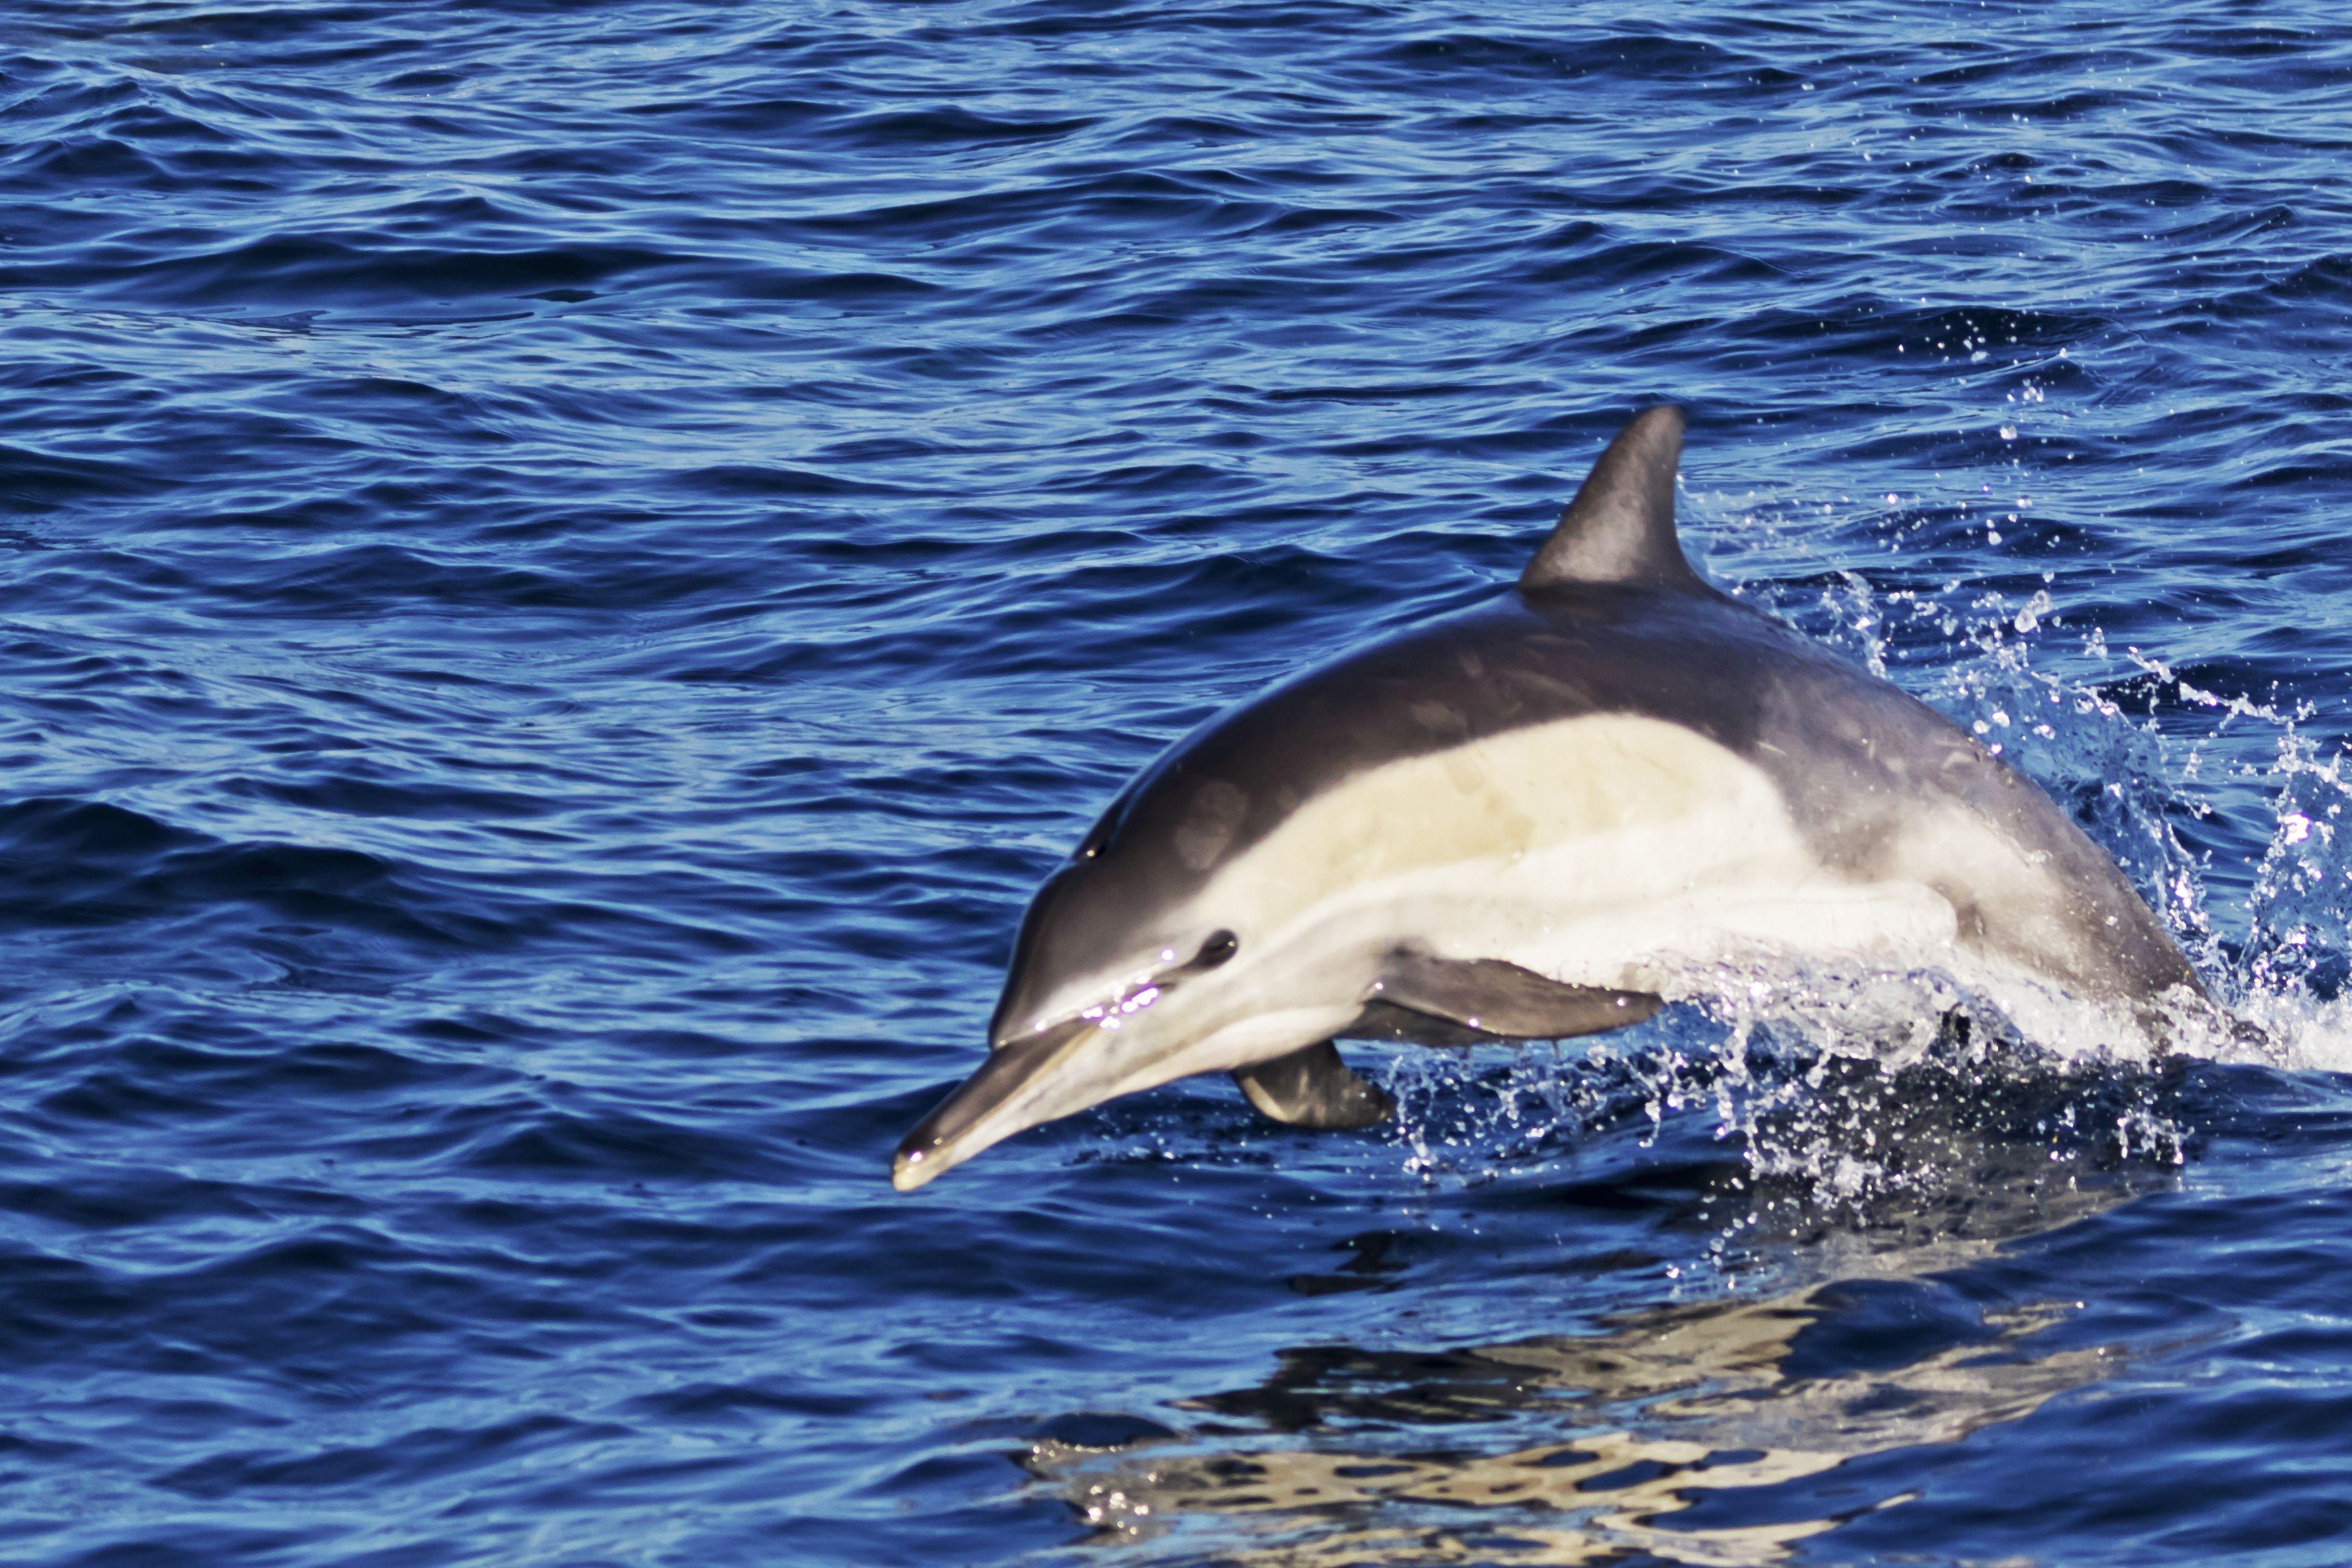 Senza i traghetti al porto di Cagliari sono tornati i delfini (Video)